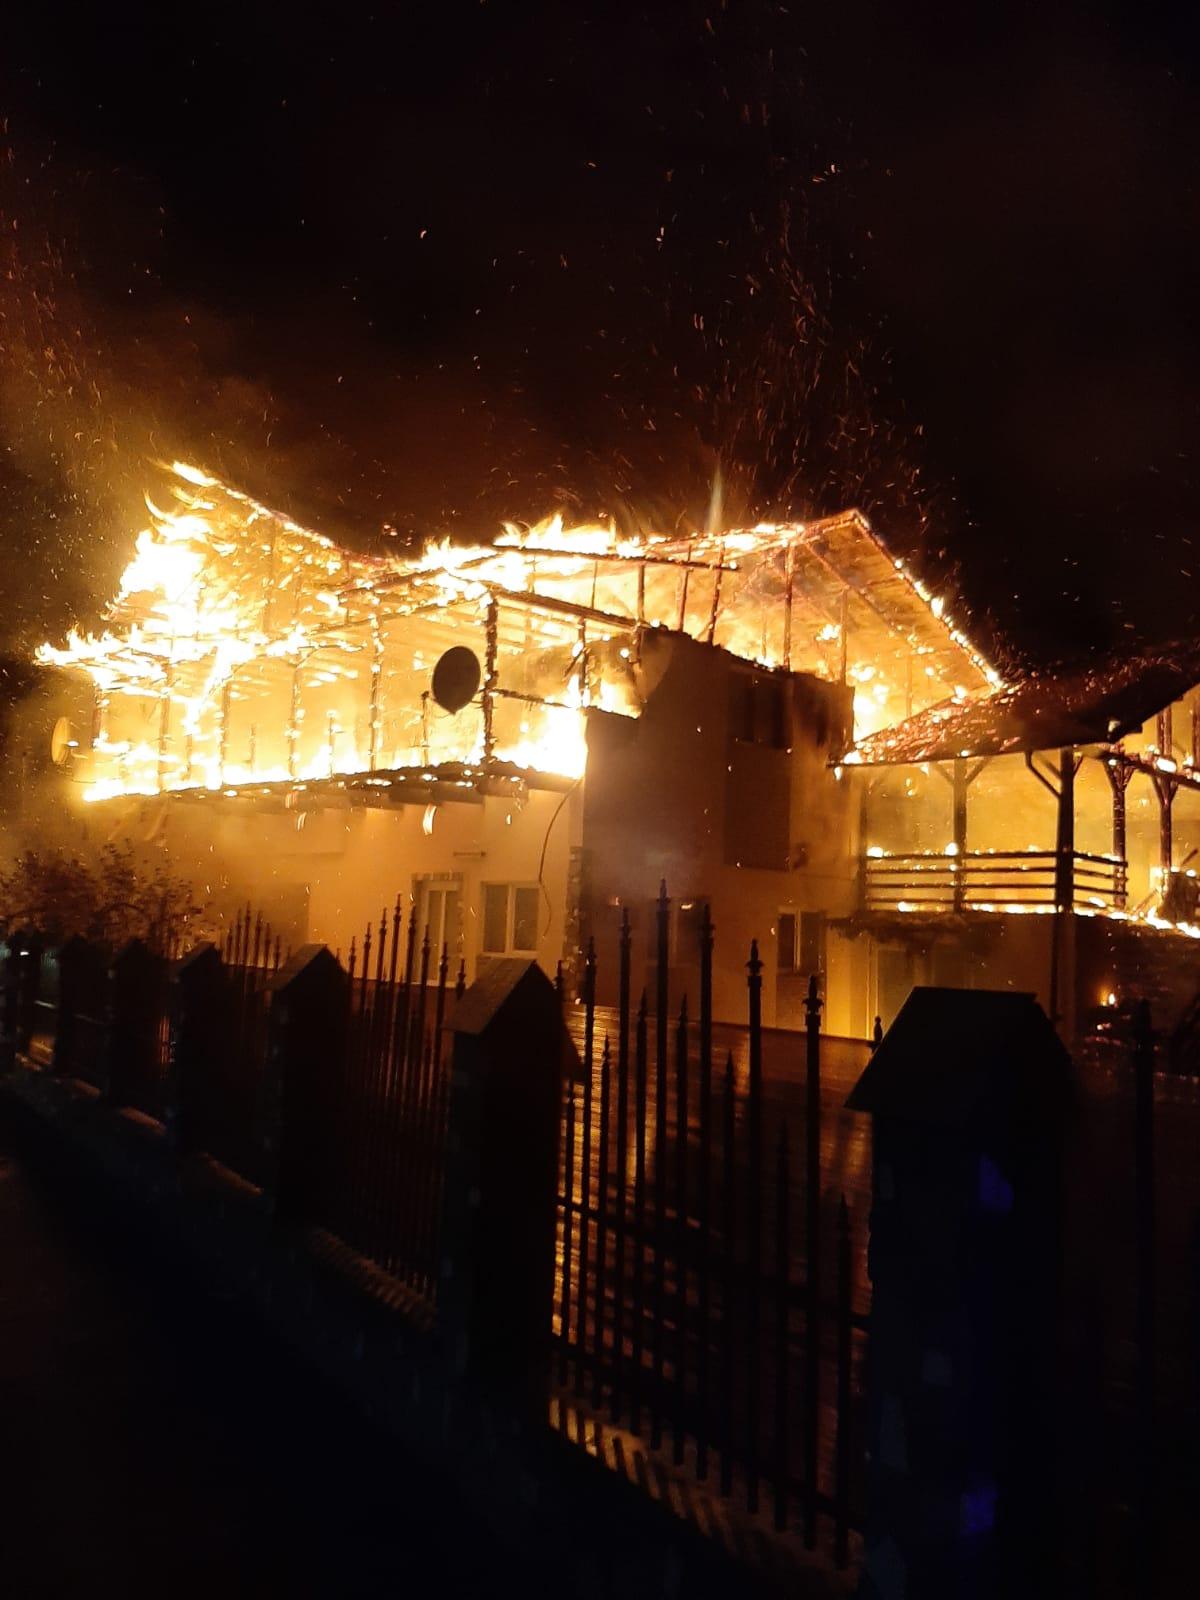 Incendiu violent în comuna Sângeru. O casă a luat foc – FOTO